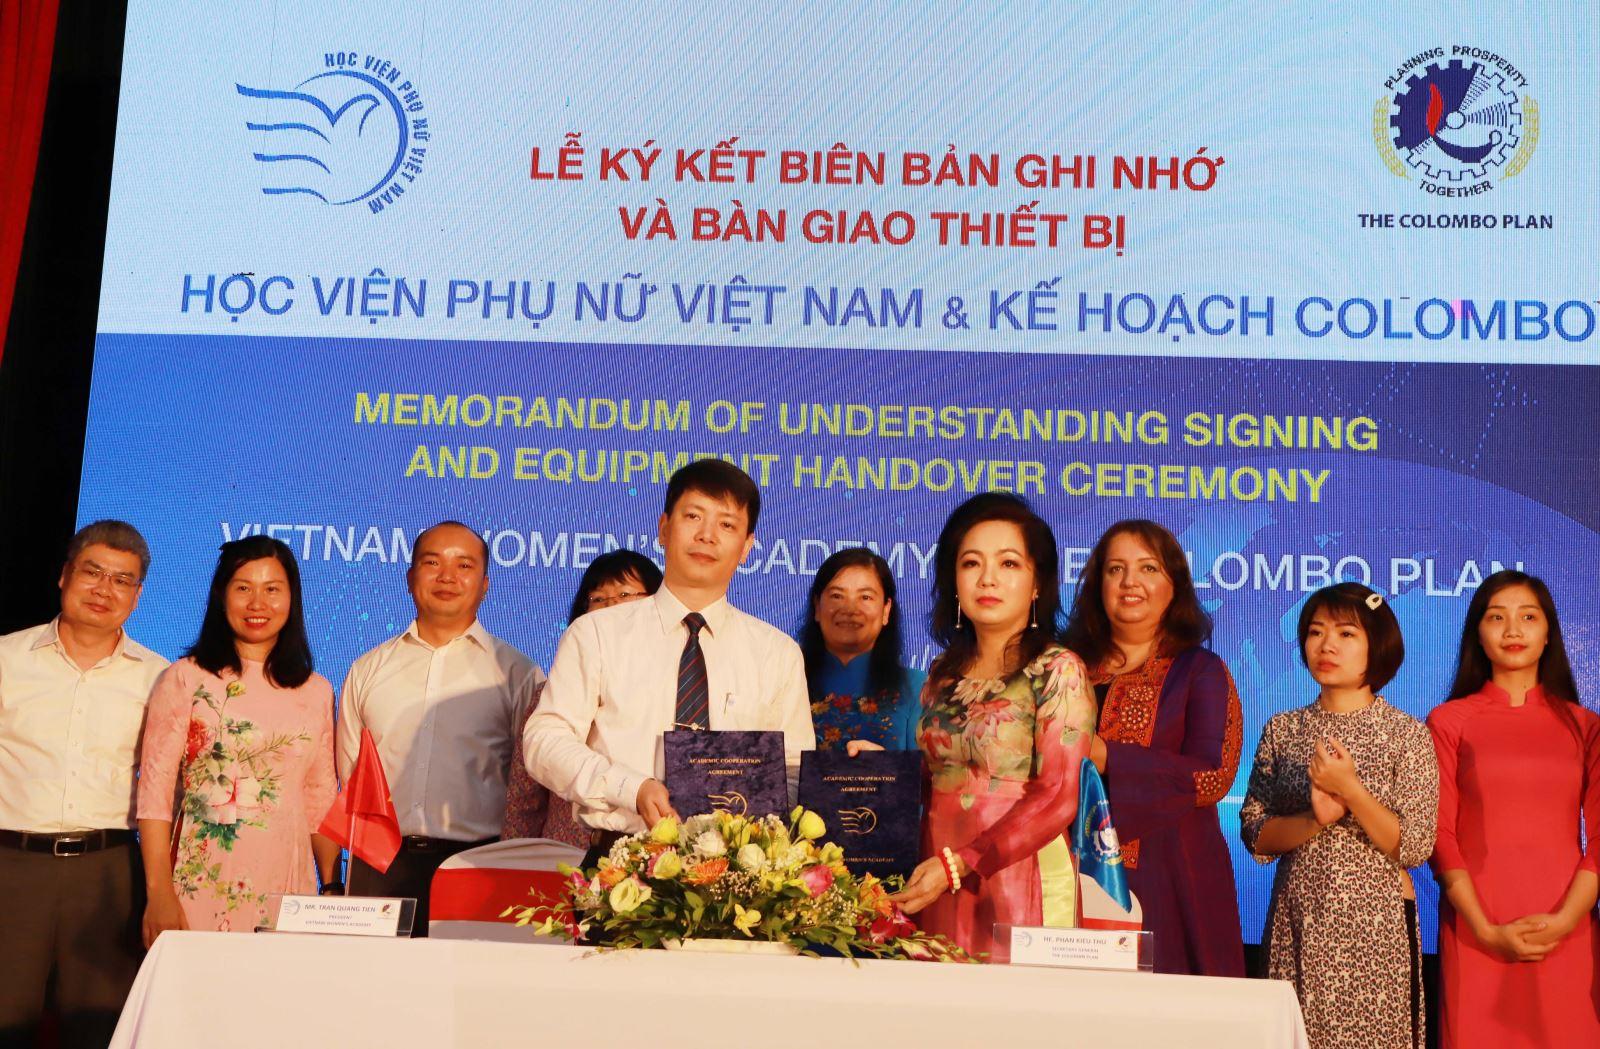 Học viện Phụ nữ Việt Nam ký kết biên bản ghi nhớ với Kế hoạch Colombo